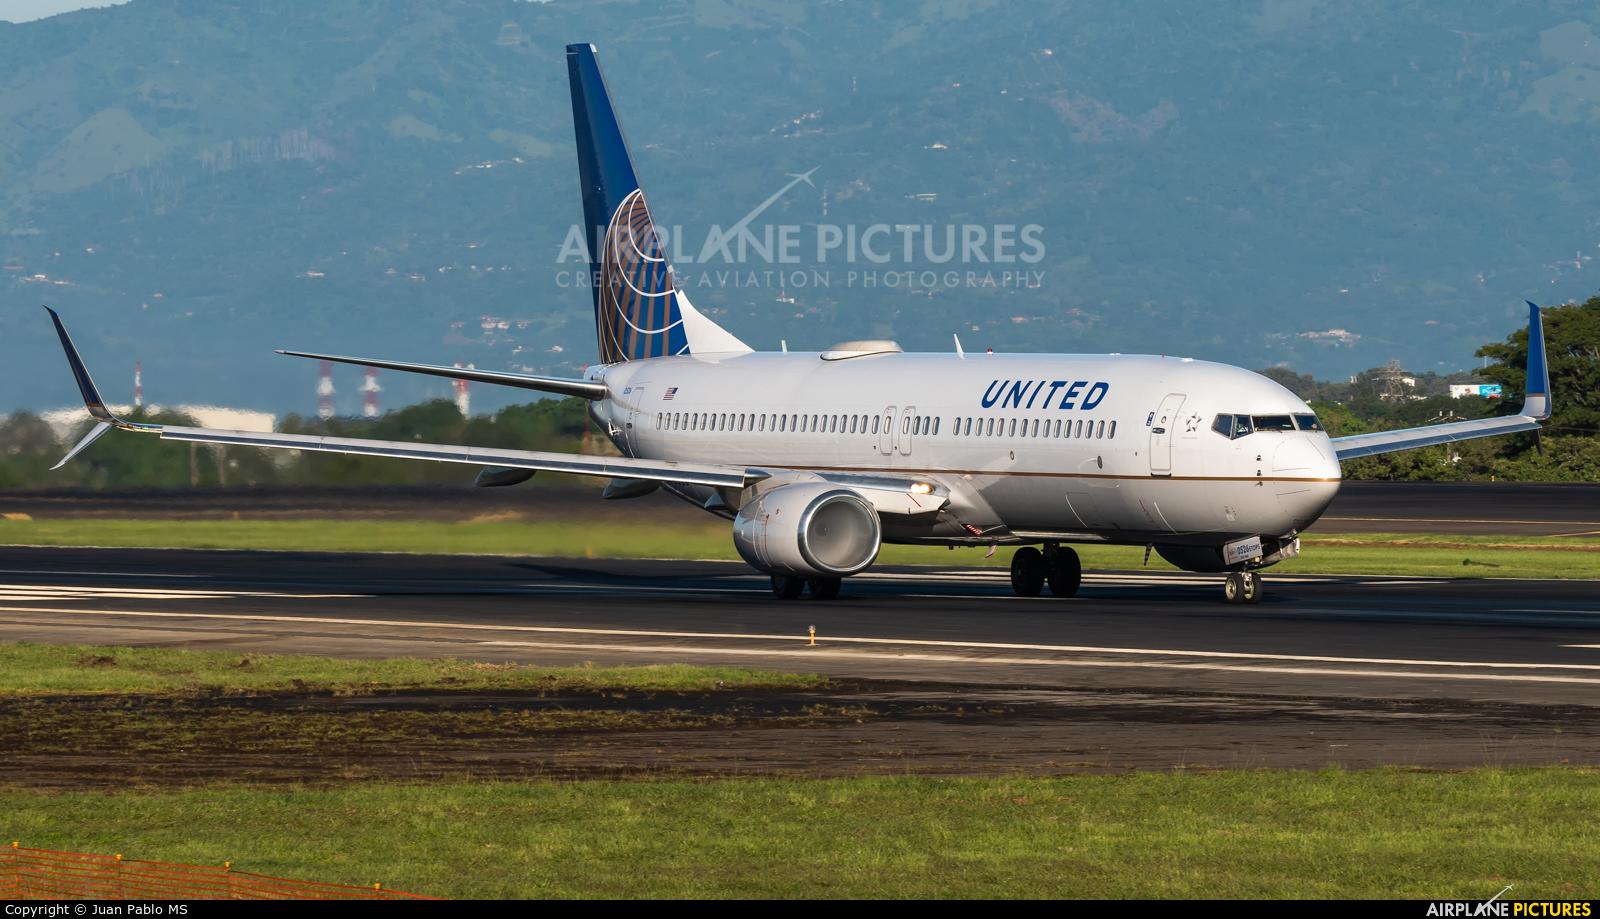 United Airlines N76526 aircraft at San Jose - Juan Santamaría Intl